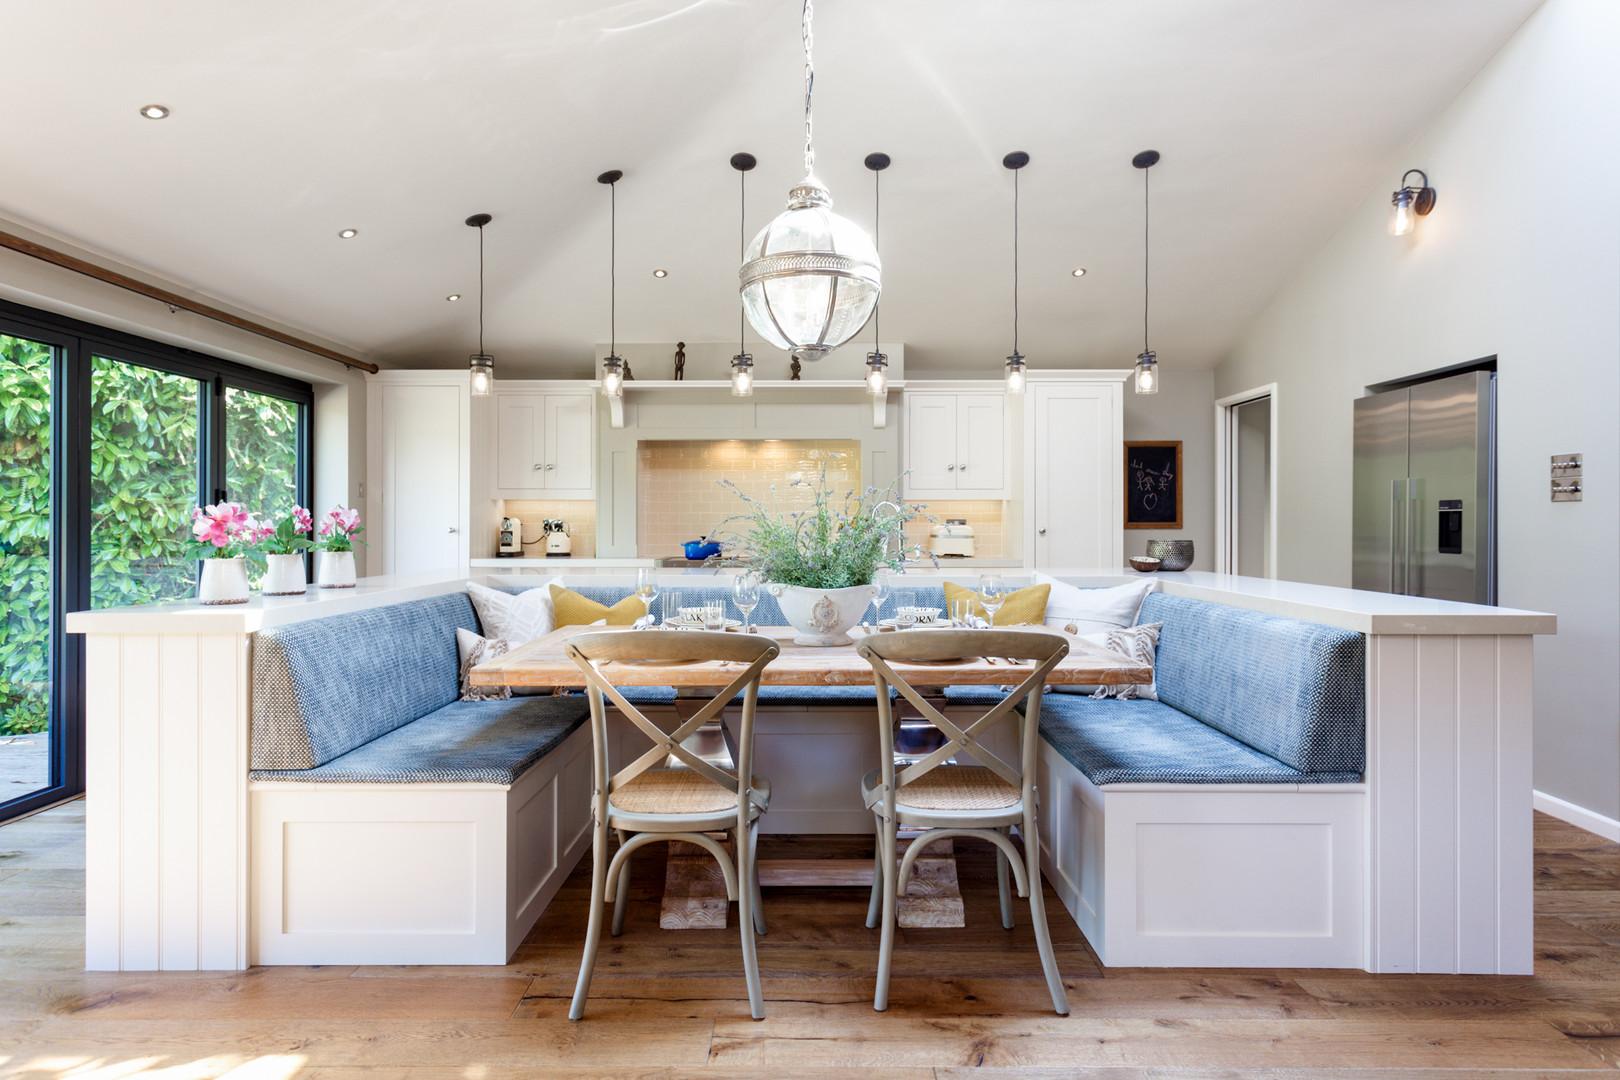 kitchen breakfast room interior designer poole.jpg